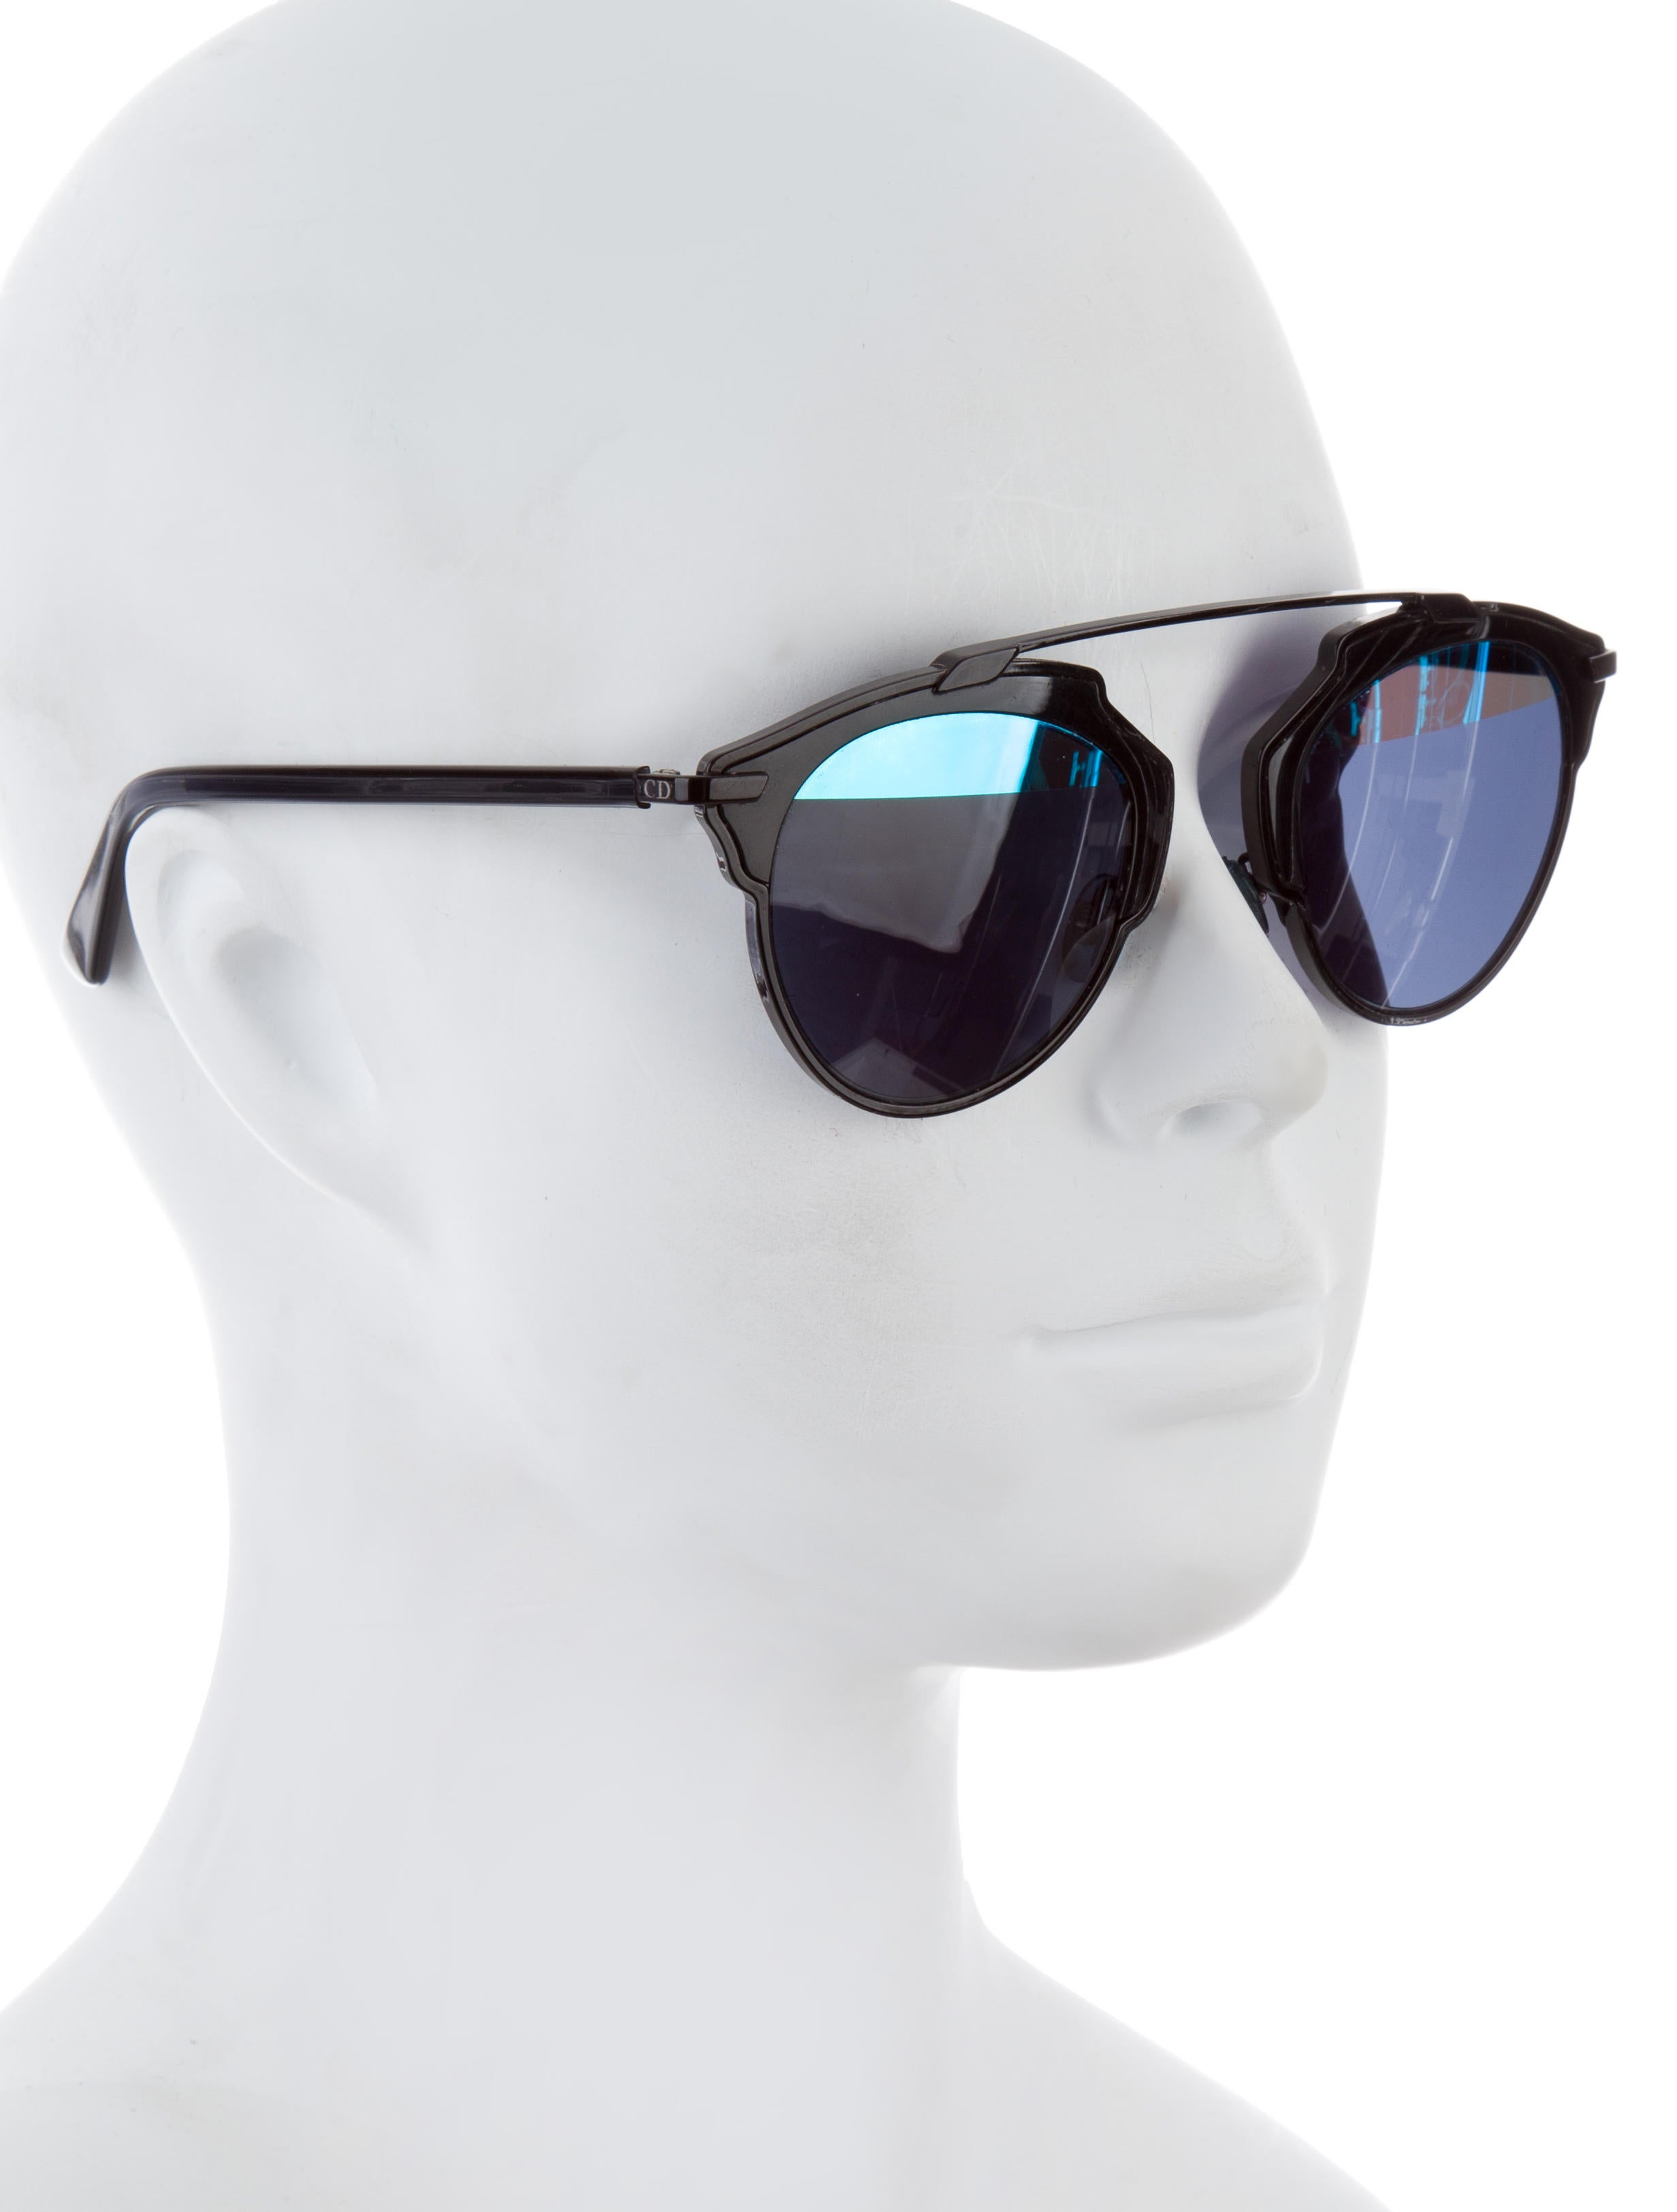 8f0c47bb2da3 Dior Homme Sunglasses Fake